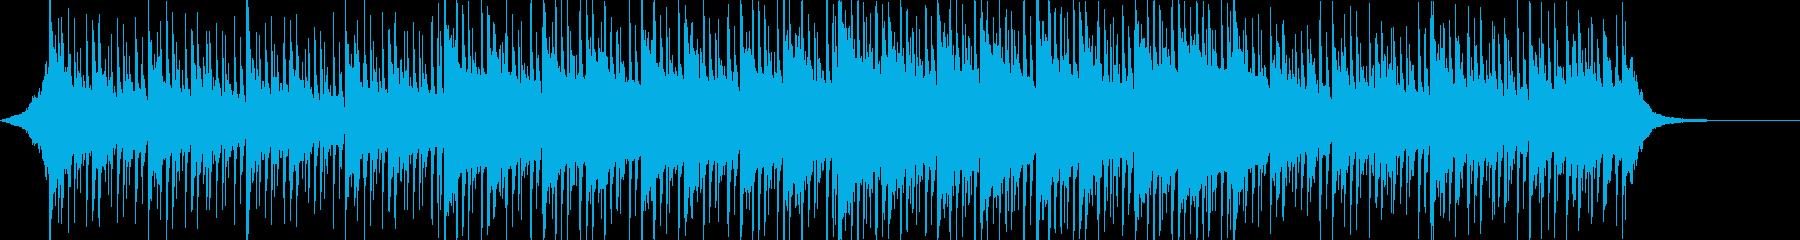 ショートverの再生済みの波形